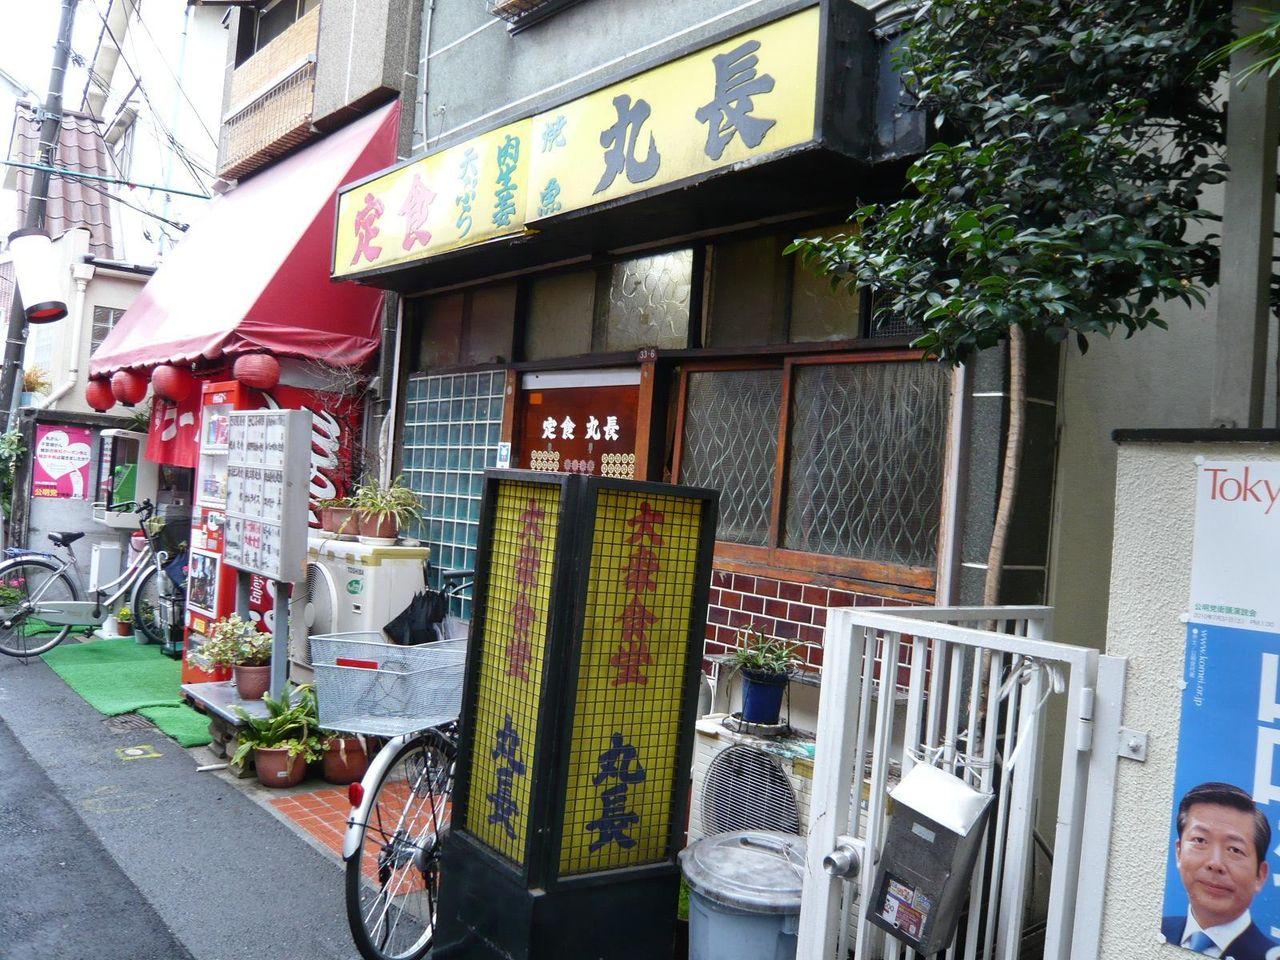 昭和の時代にタイムスリップしたような店構え。